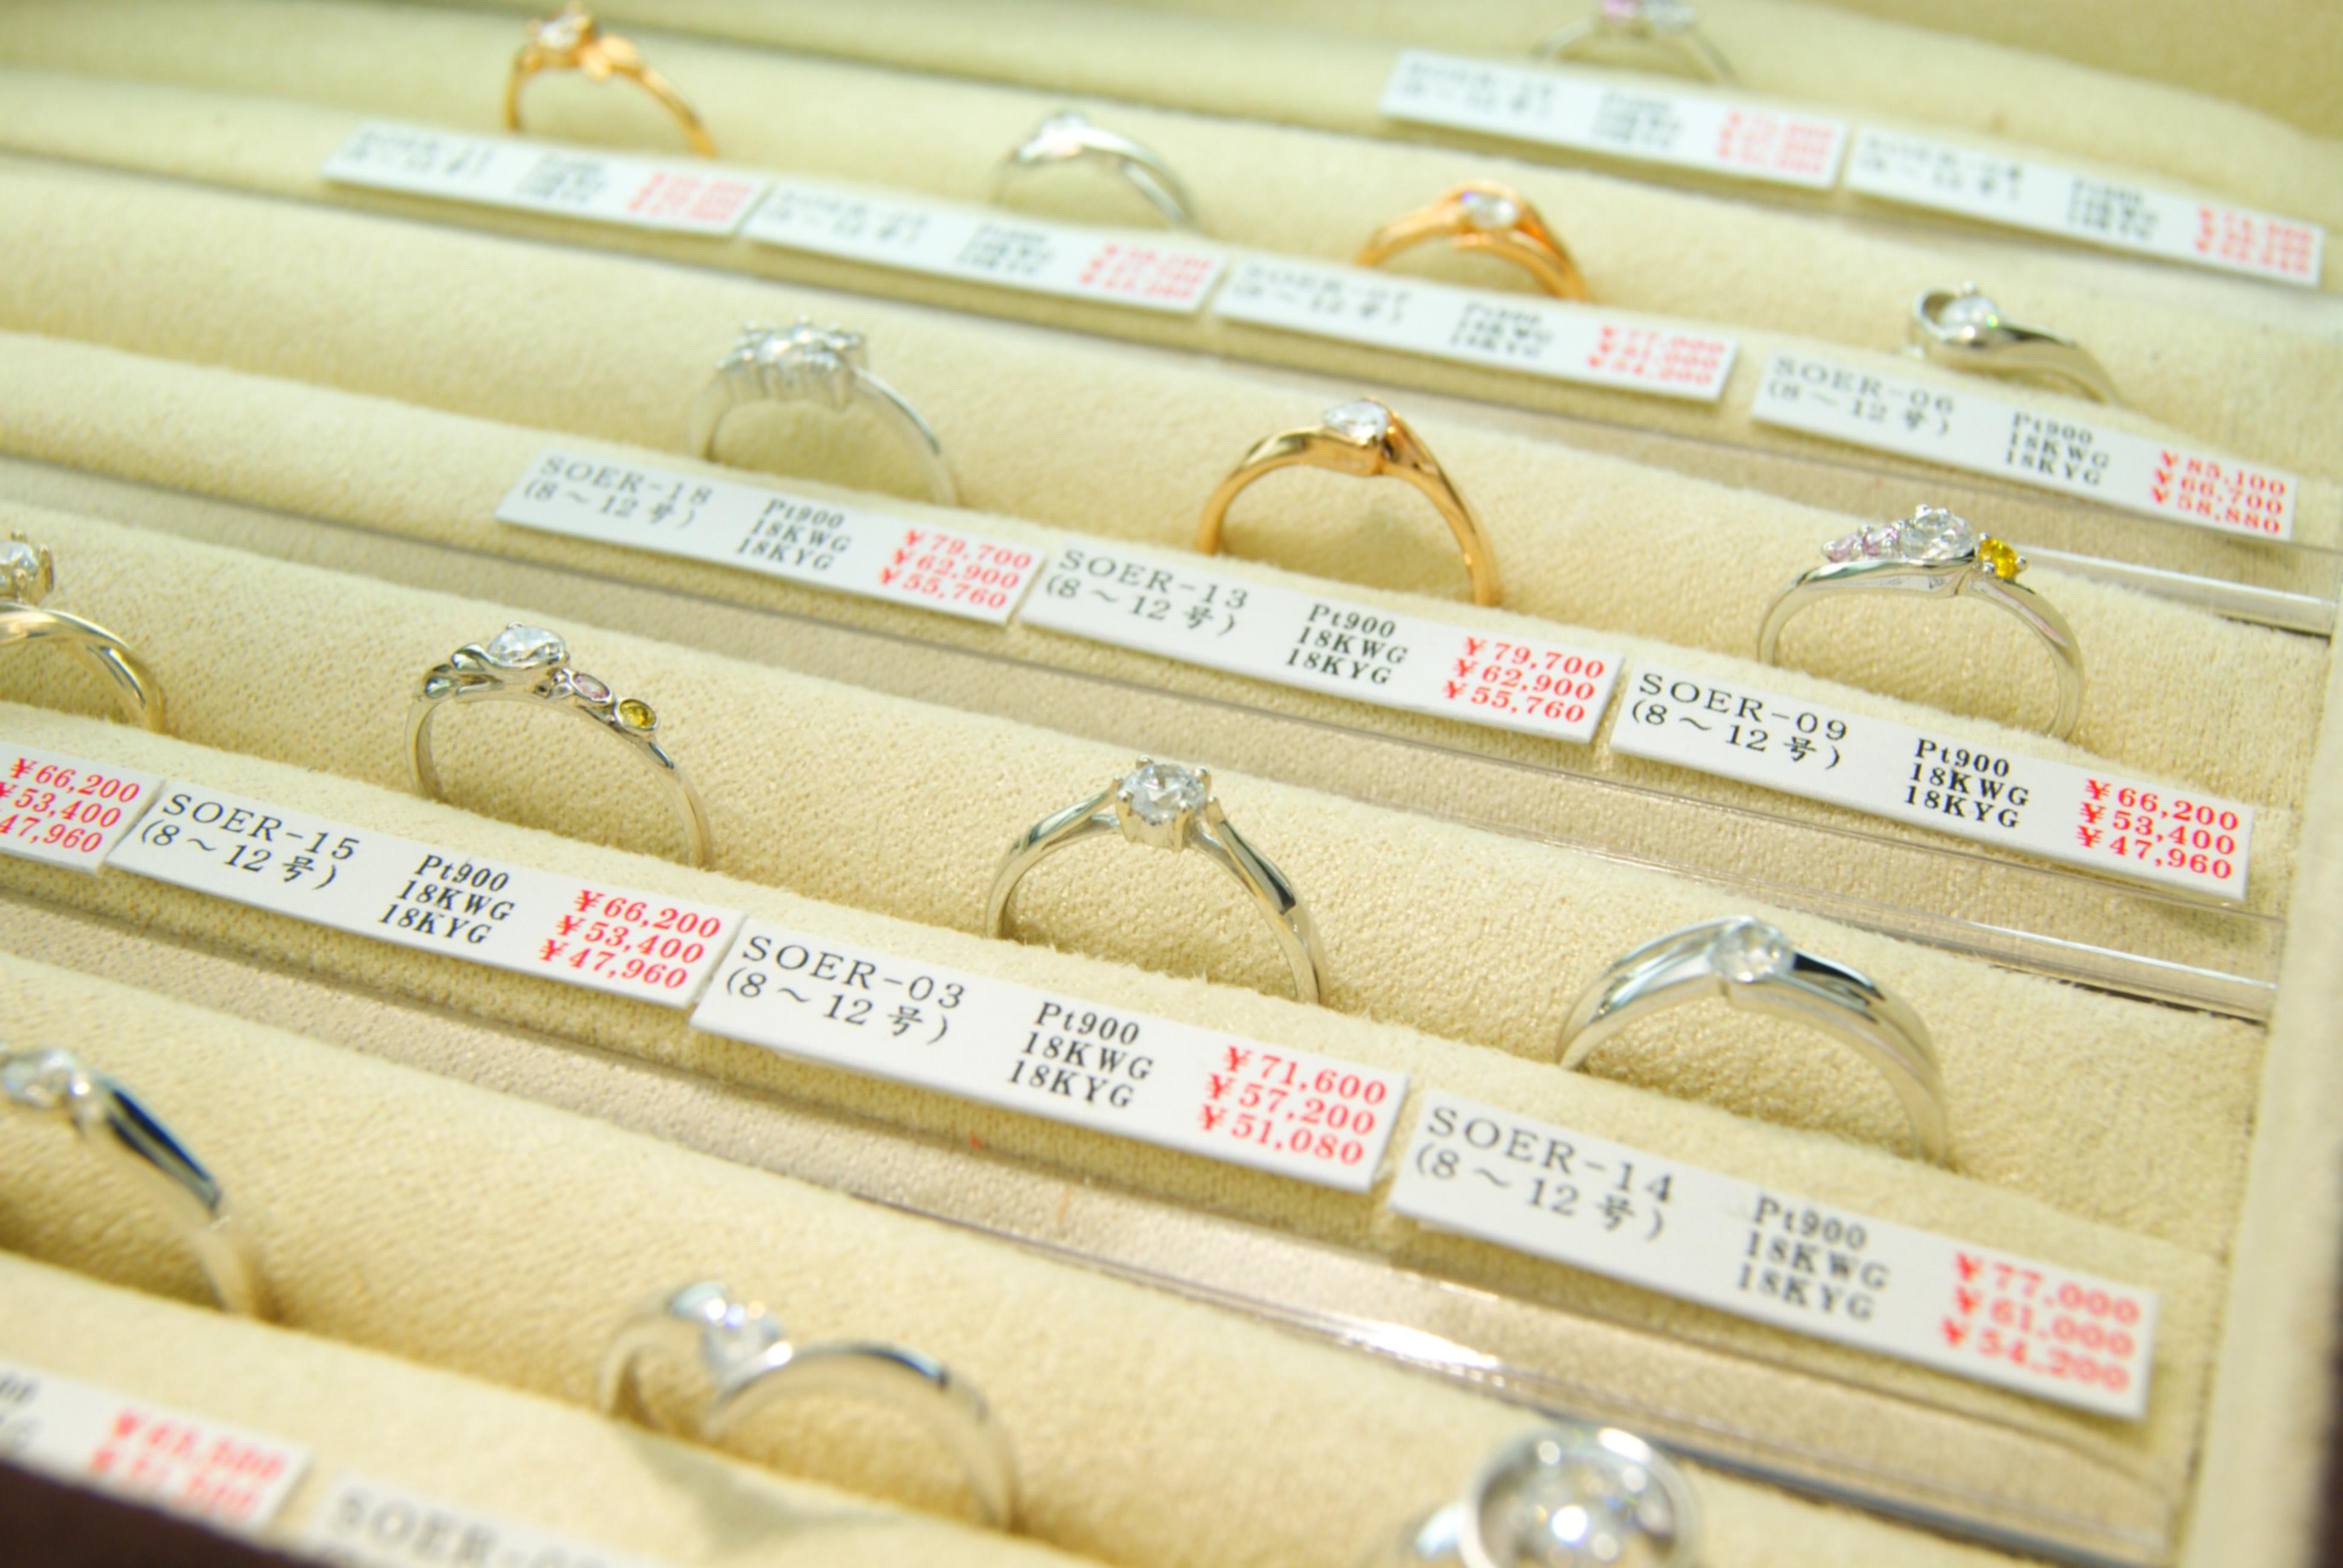 フルオーダーメイド | 時間がないおふたりへ | かざりやゆい | 世界に一つだけの結婚指輪「kazariya Yui」 | 福島県郡山市